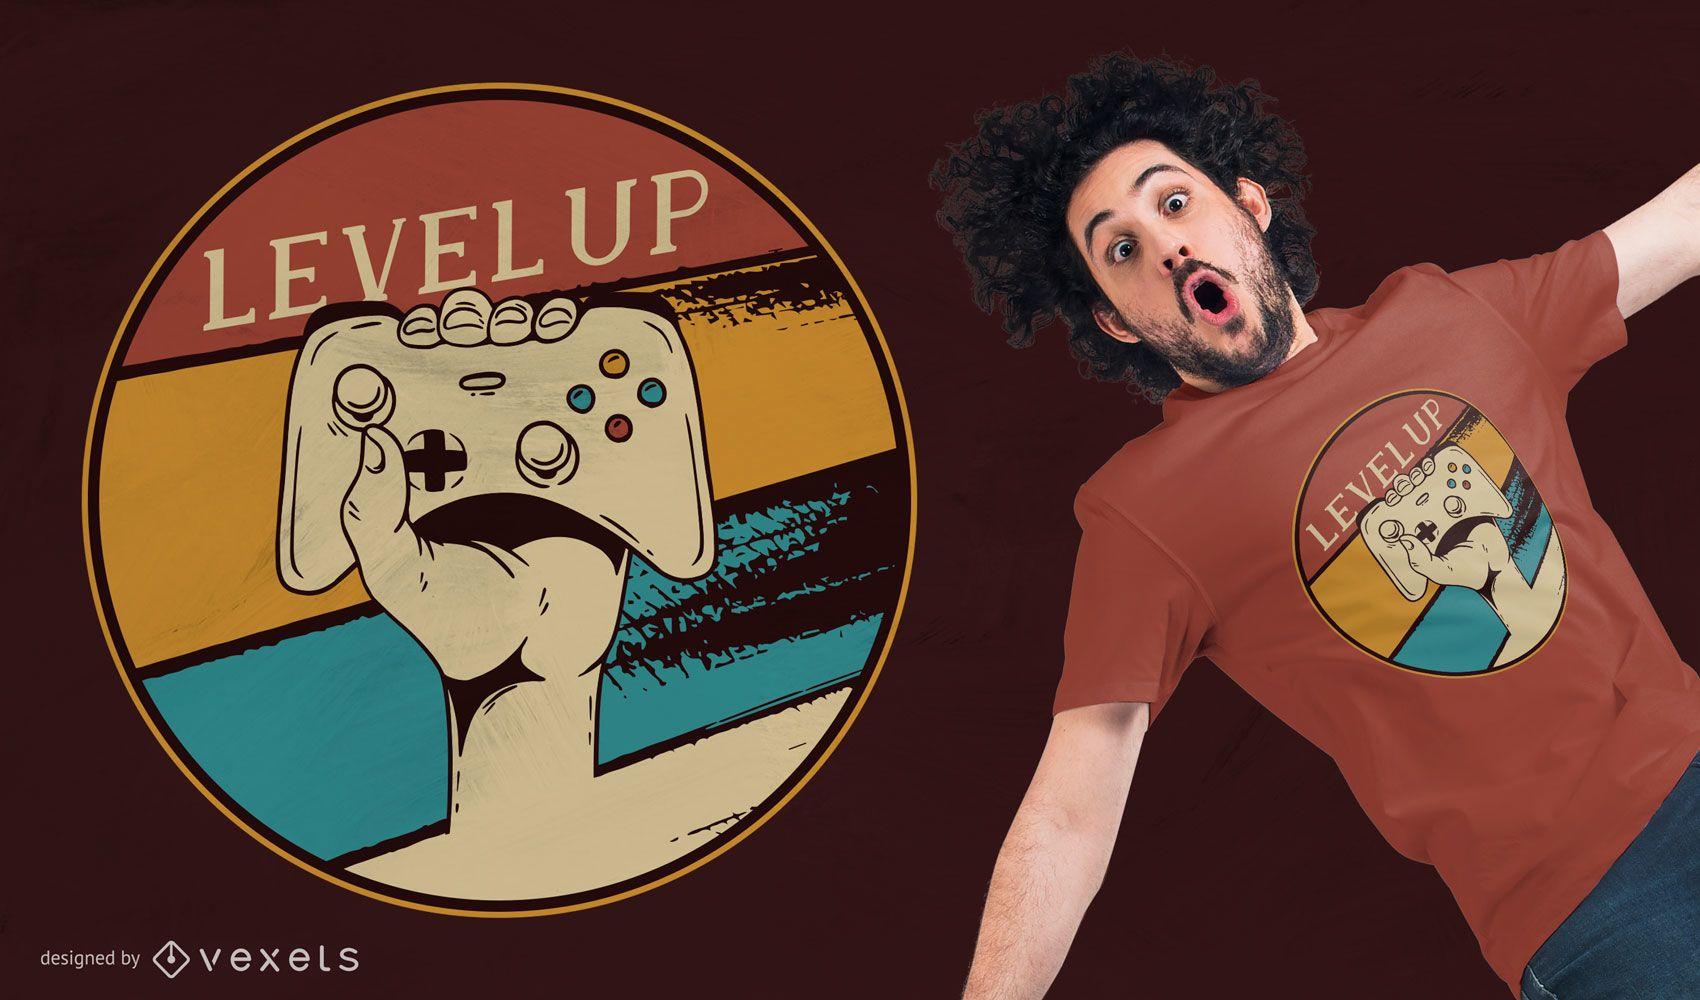 Level Up Vintage Gaming T-shirt Design